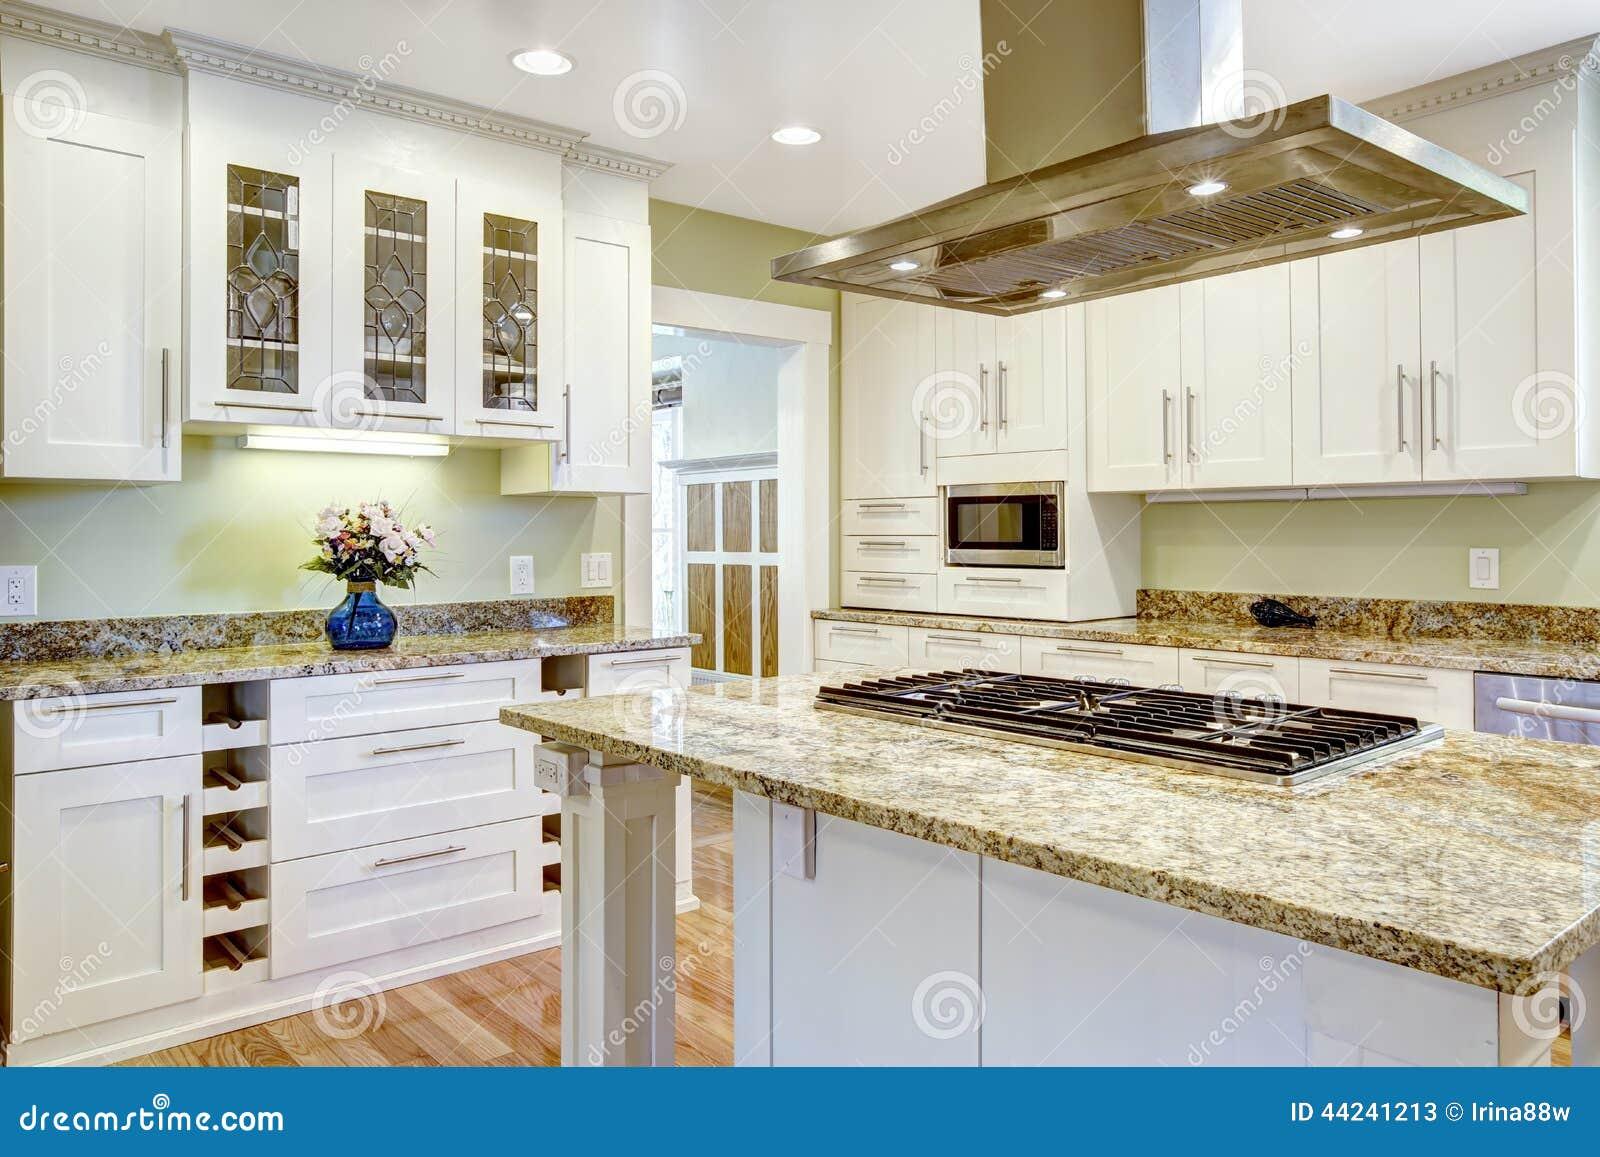 Foto de Stock: Ilha de cozinha com fogão incorporado parte superior  #82A328 1300 957